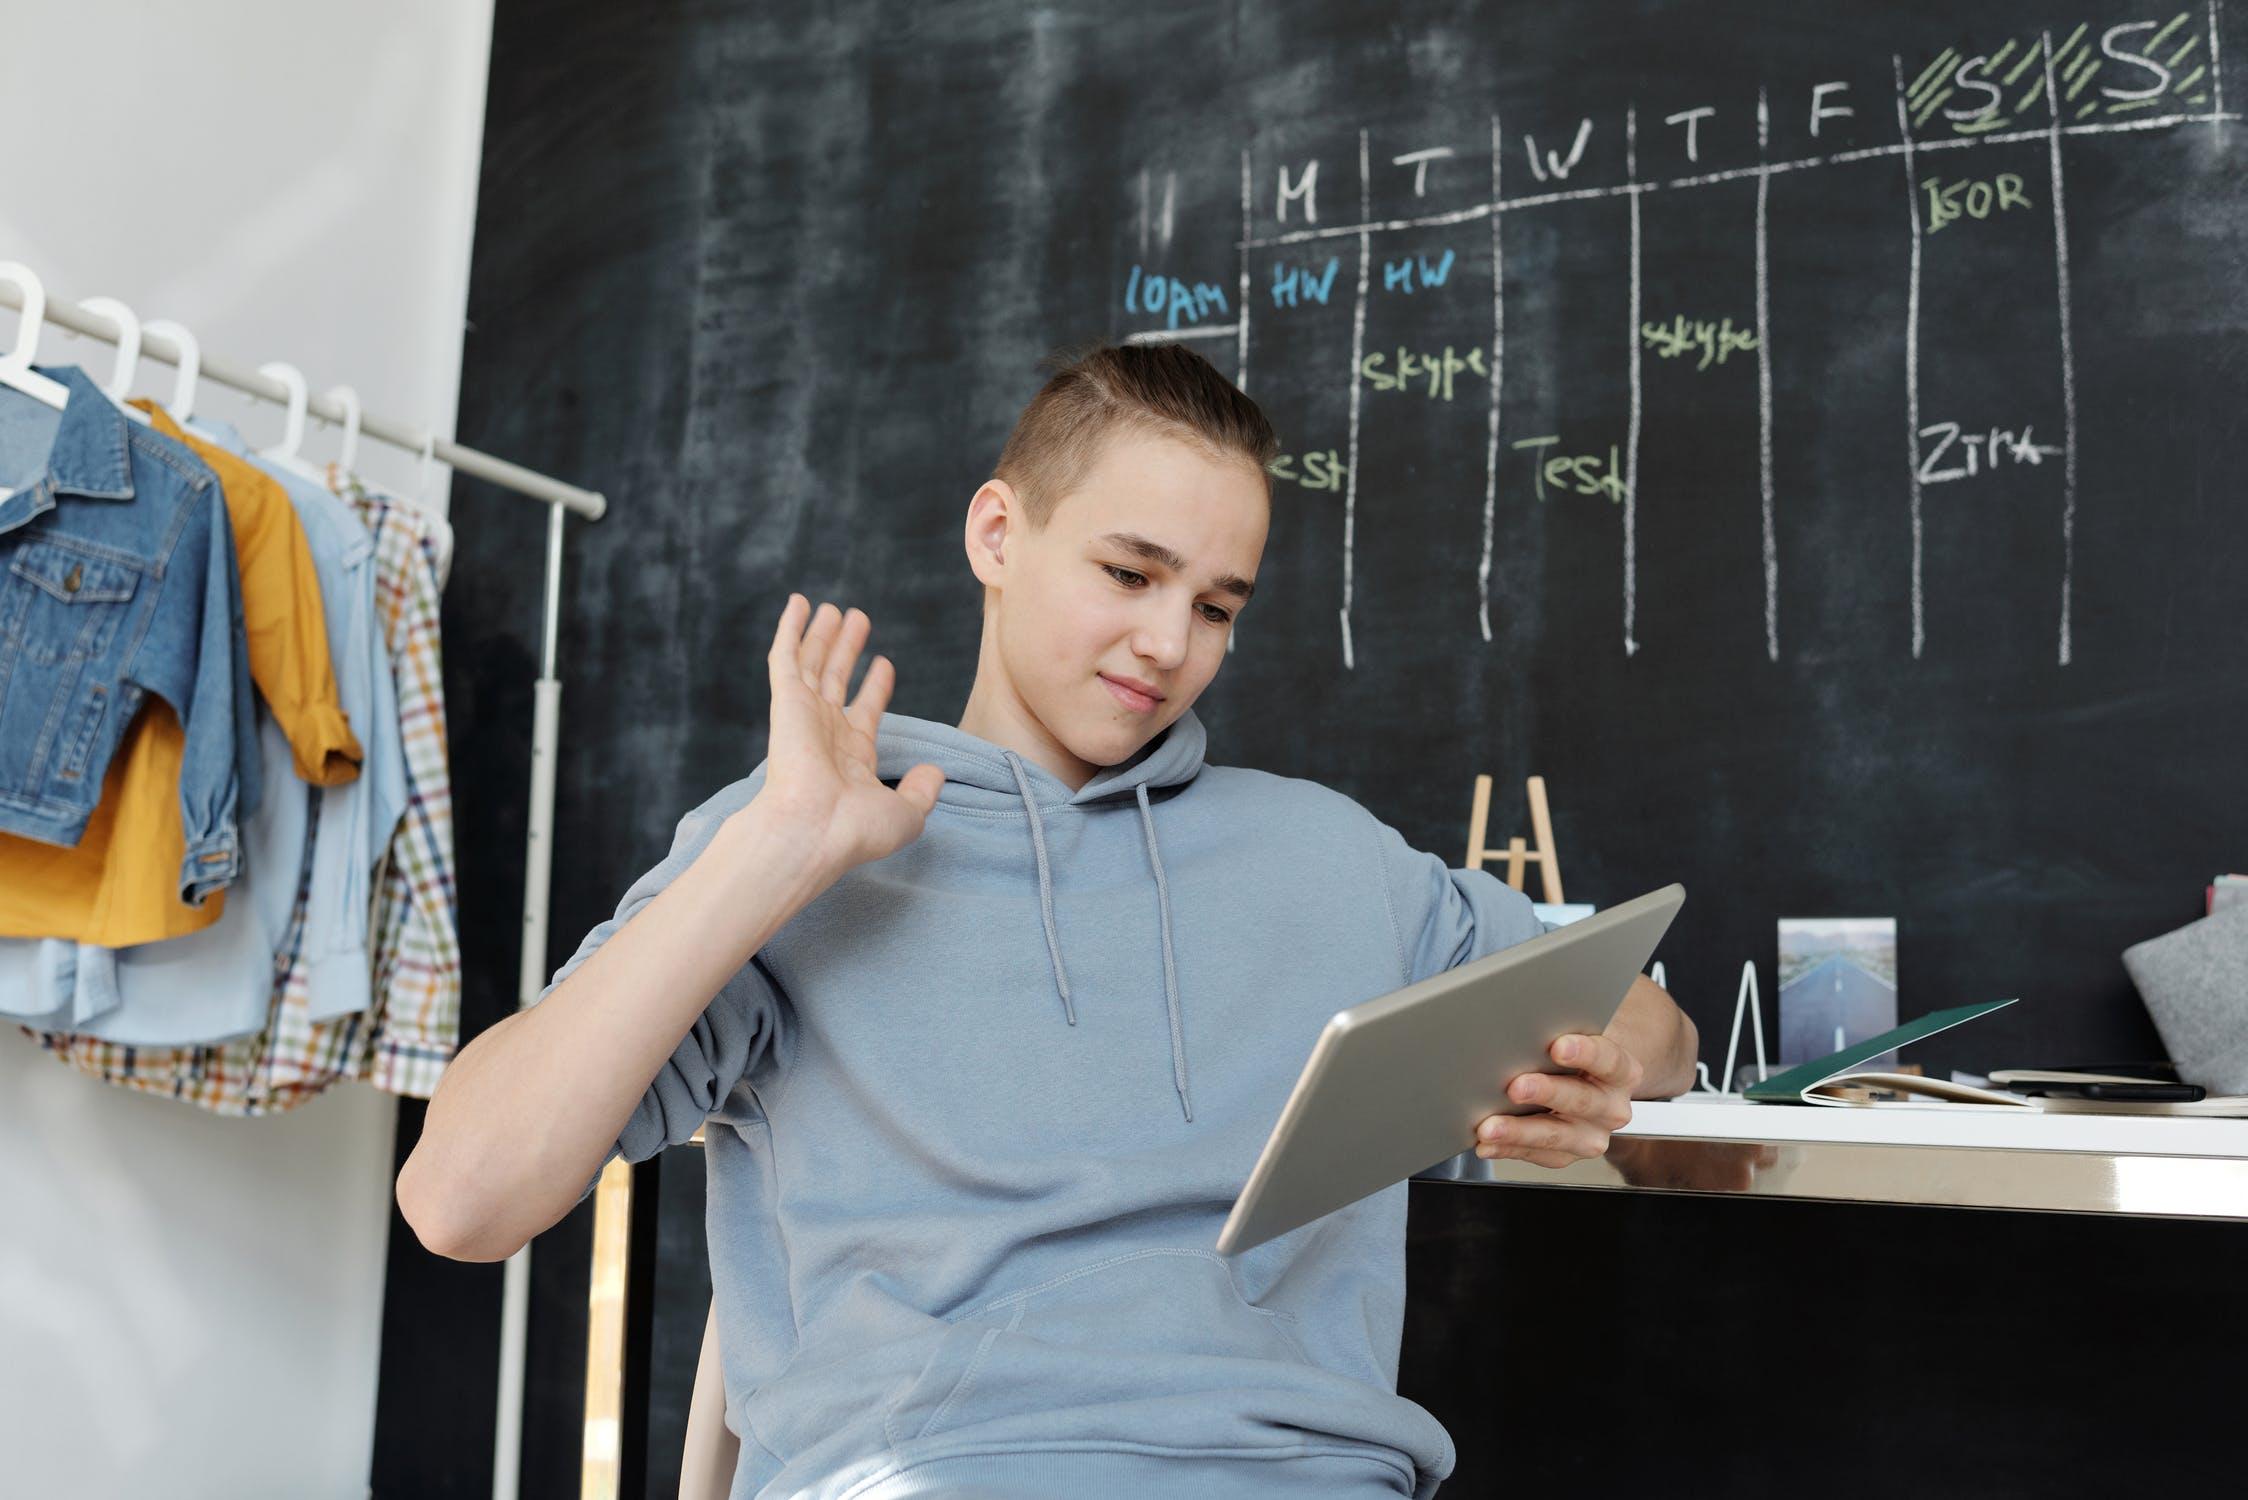 Mokymasis namie, Julia M Cameron/ pexels.com nuotr.